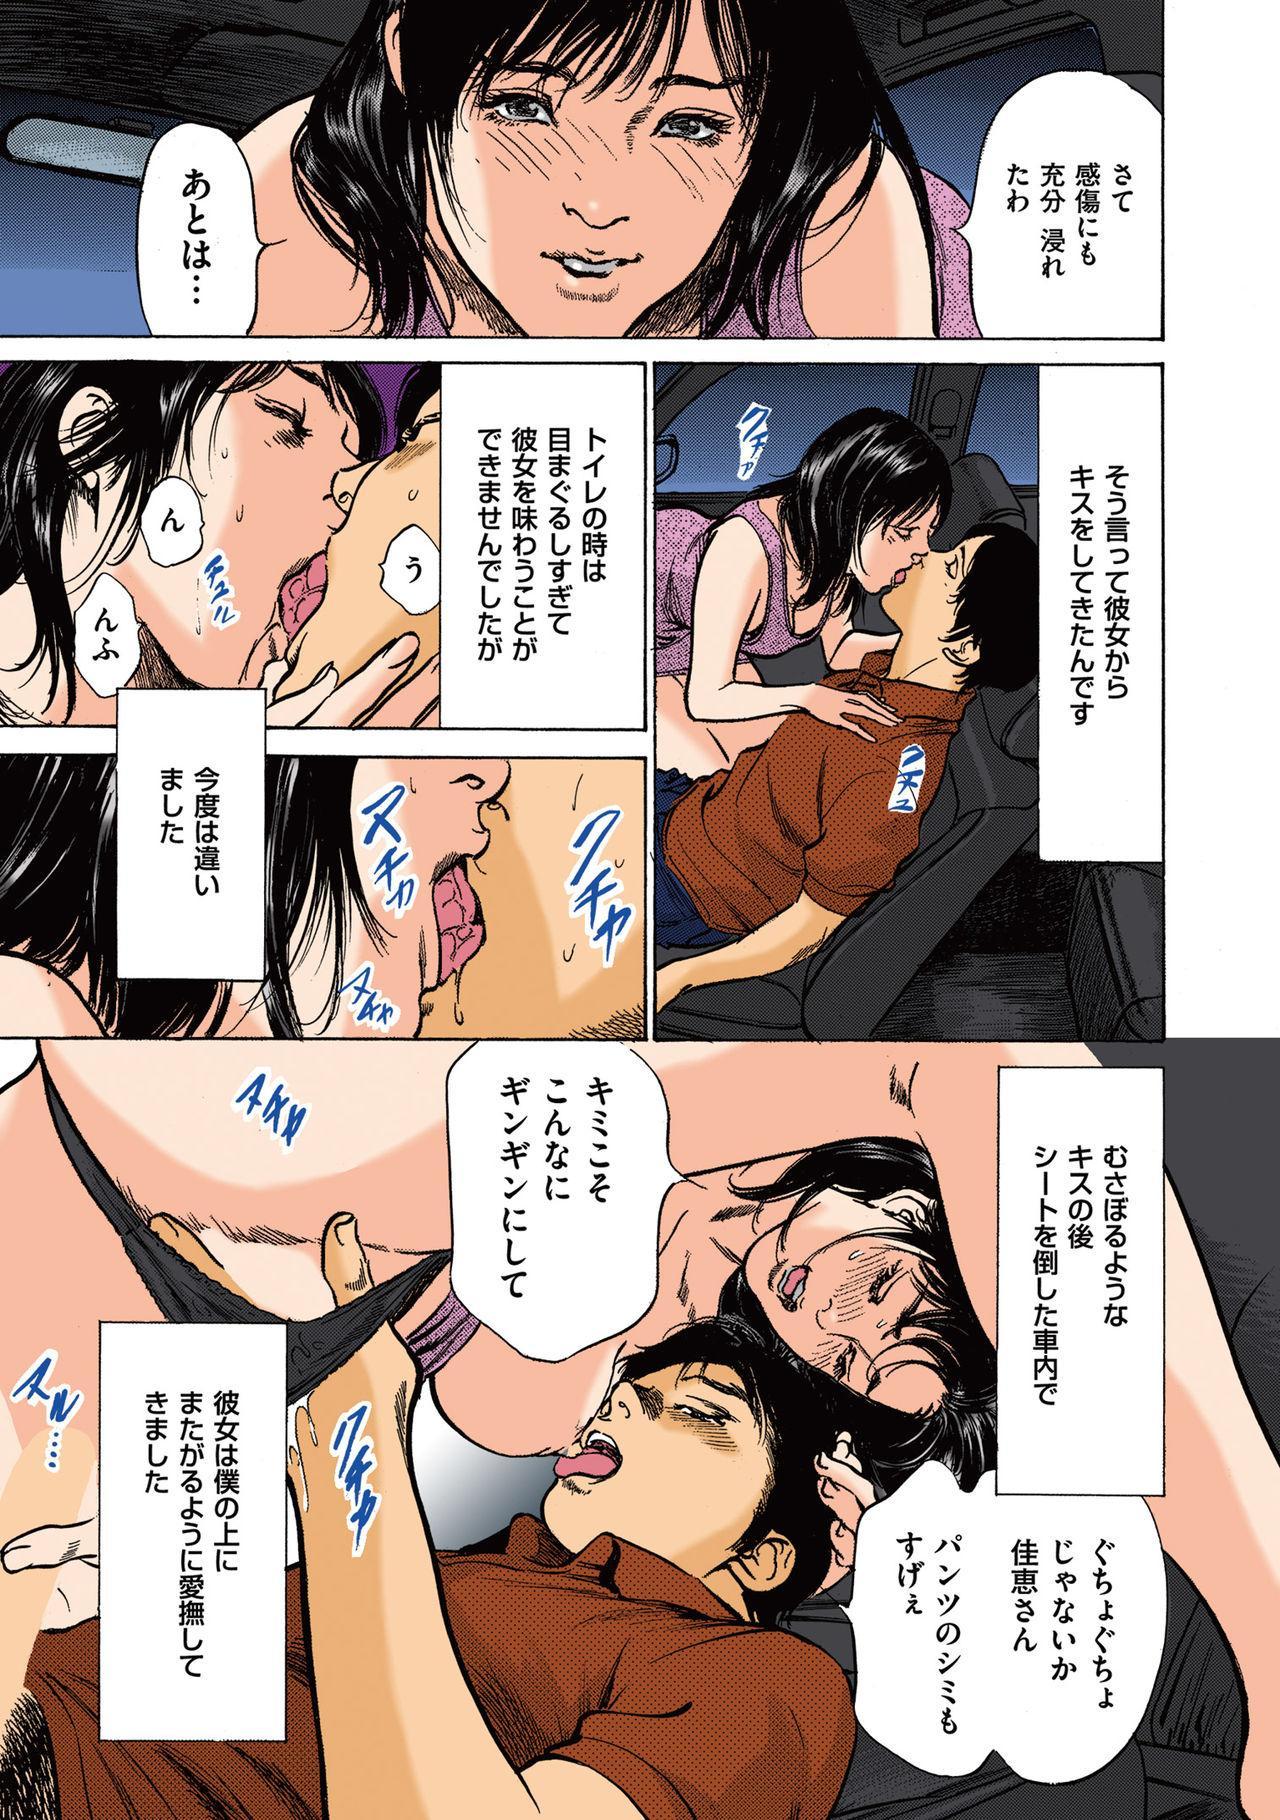 [Hazuki Kaoru] Hazuki Kaoru no Tamaranai Hanashi (Full Color Version) 2-1 48